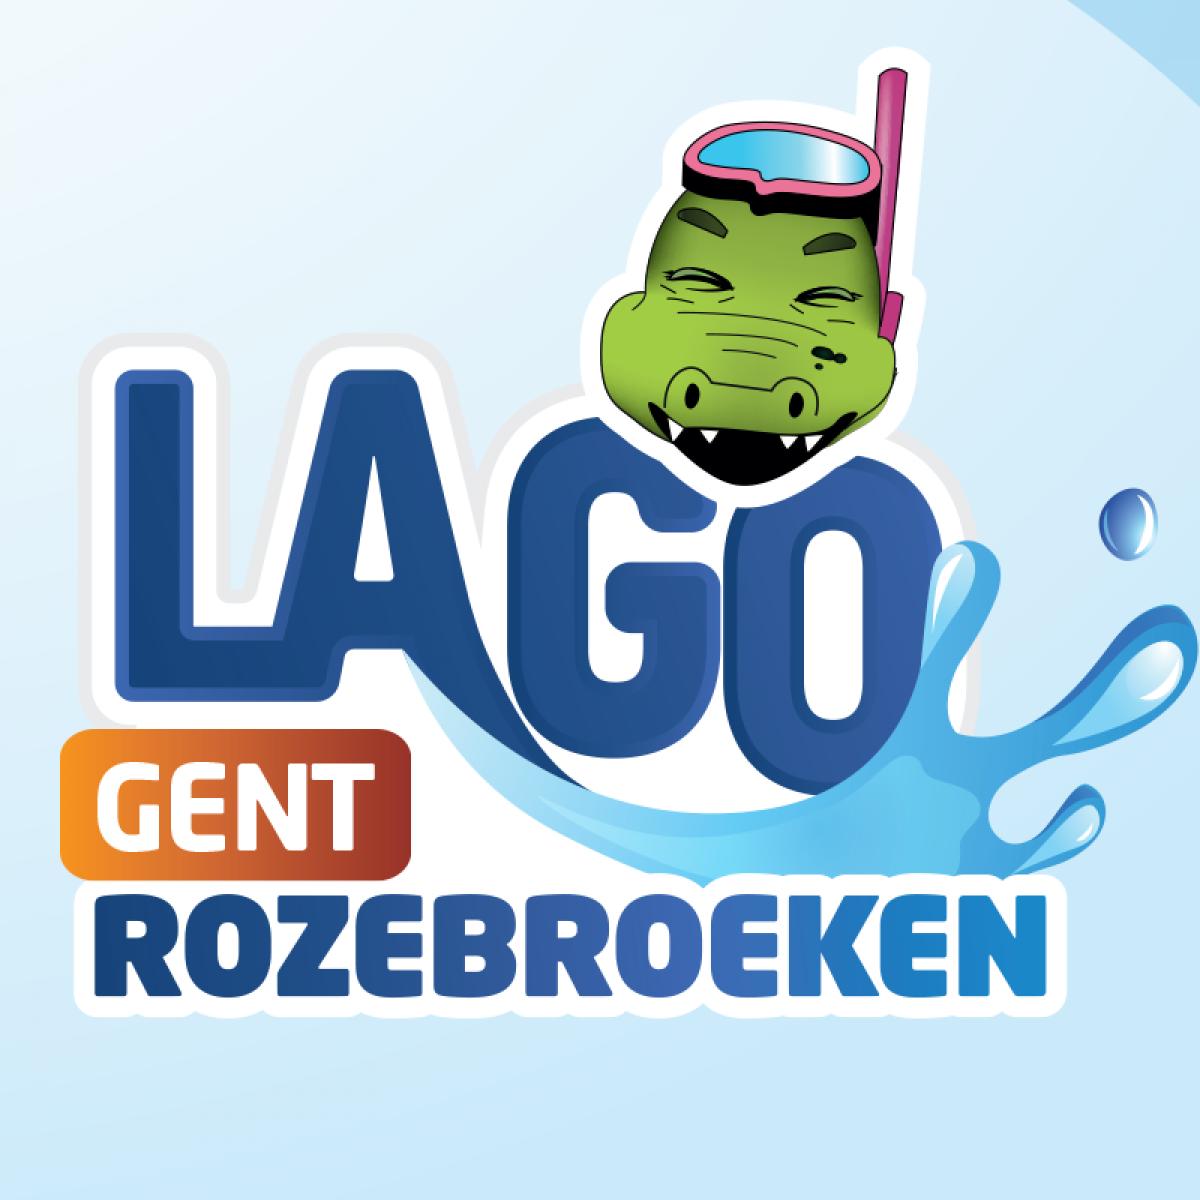 lagoGent